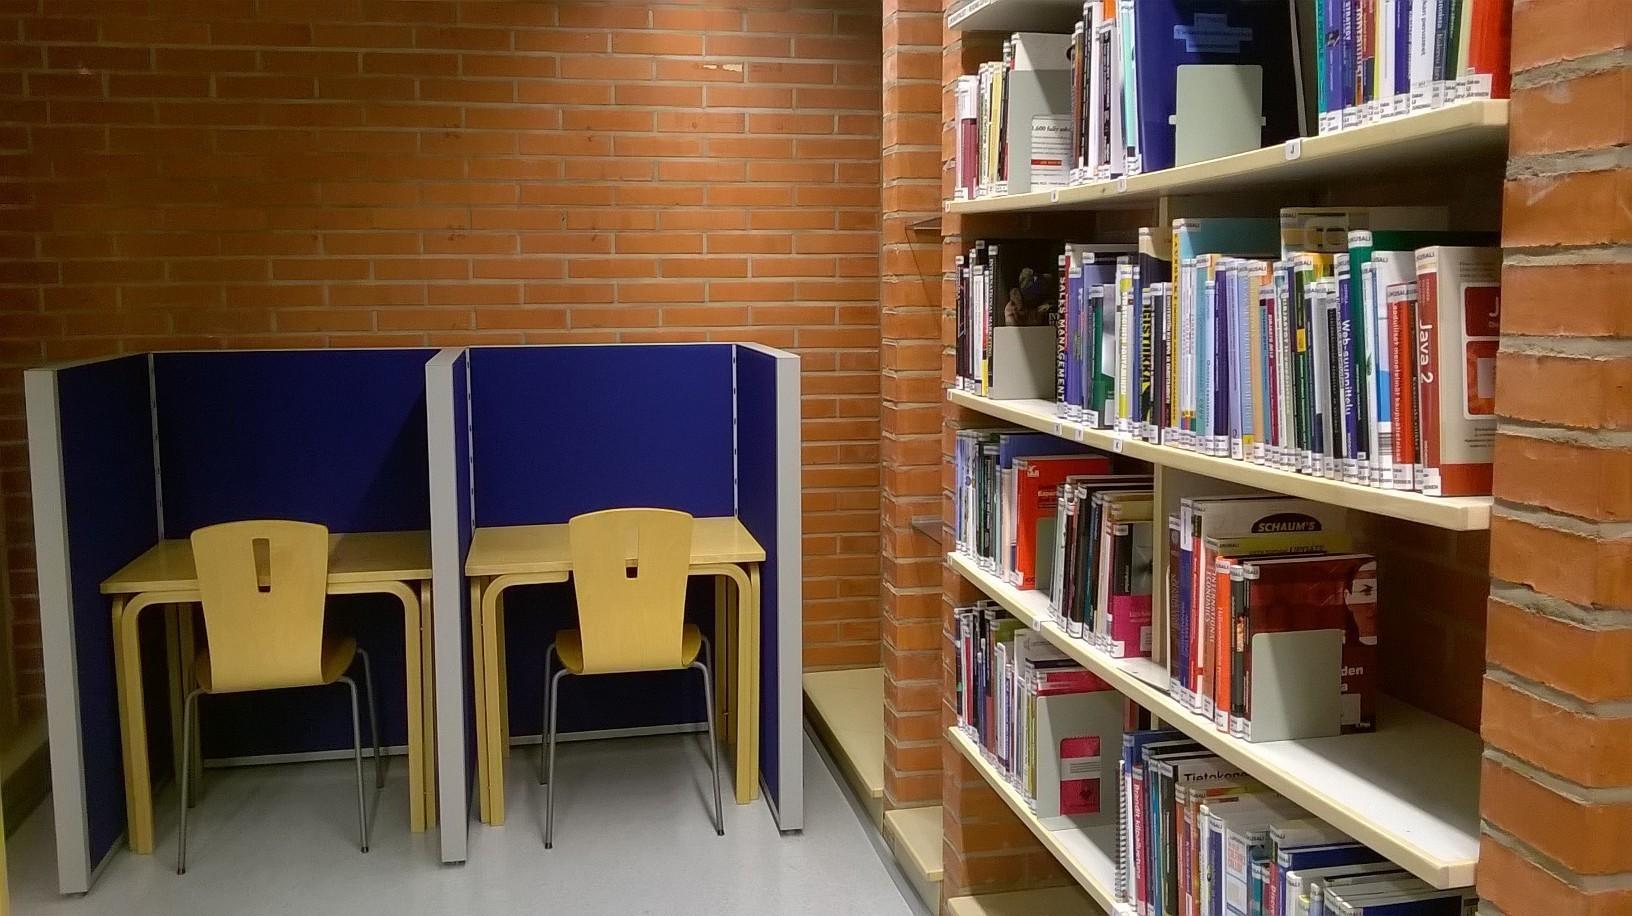 Teuvo Pakkalan katu Library